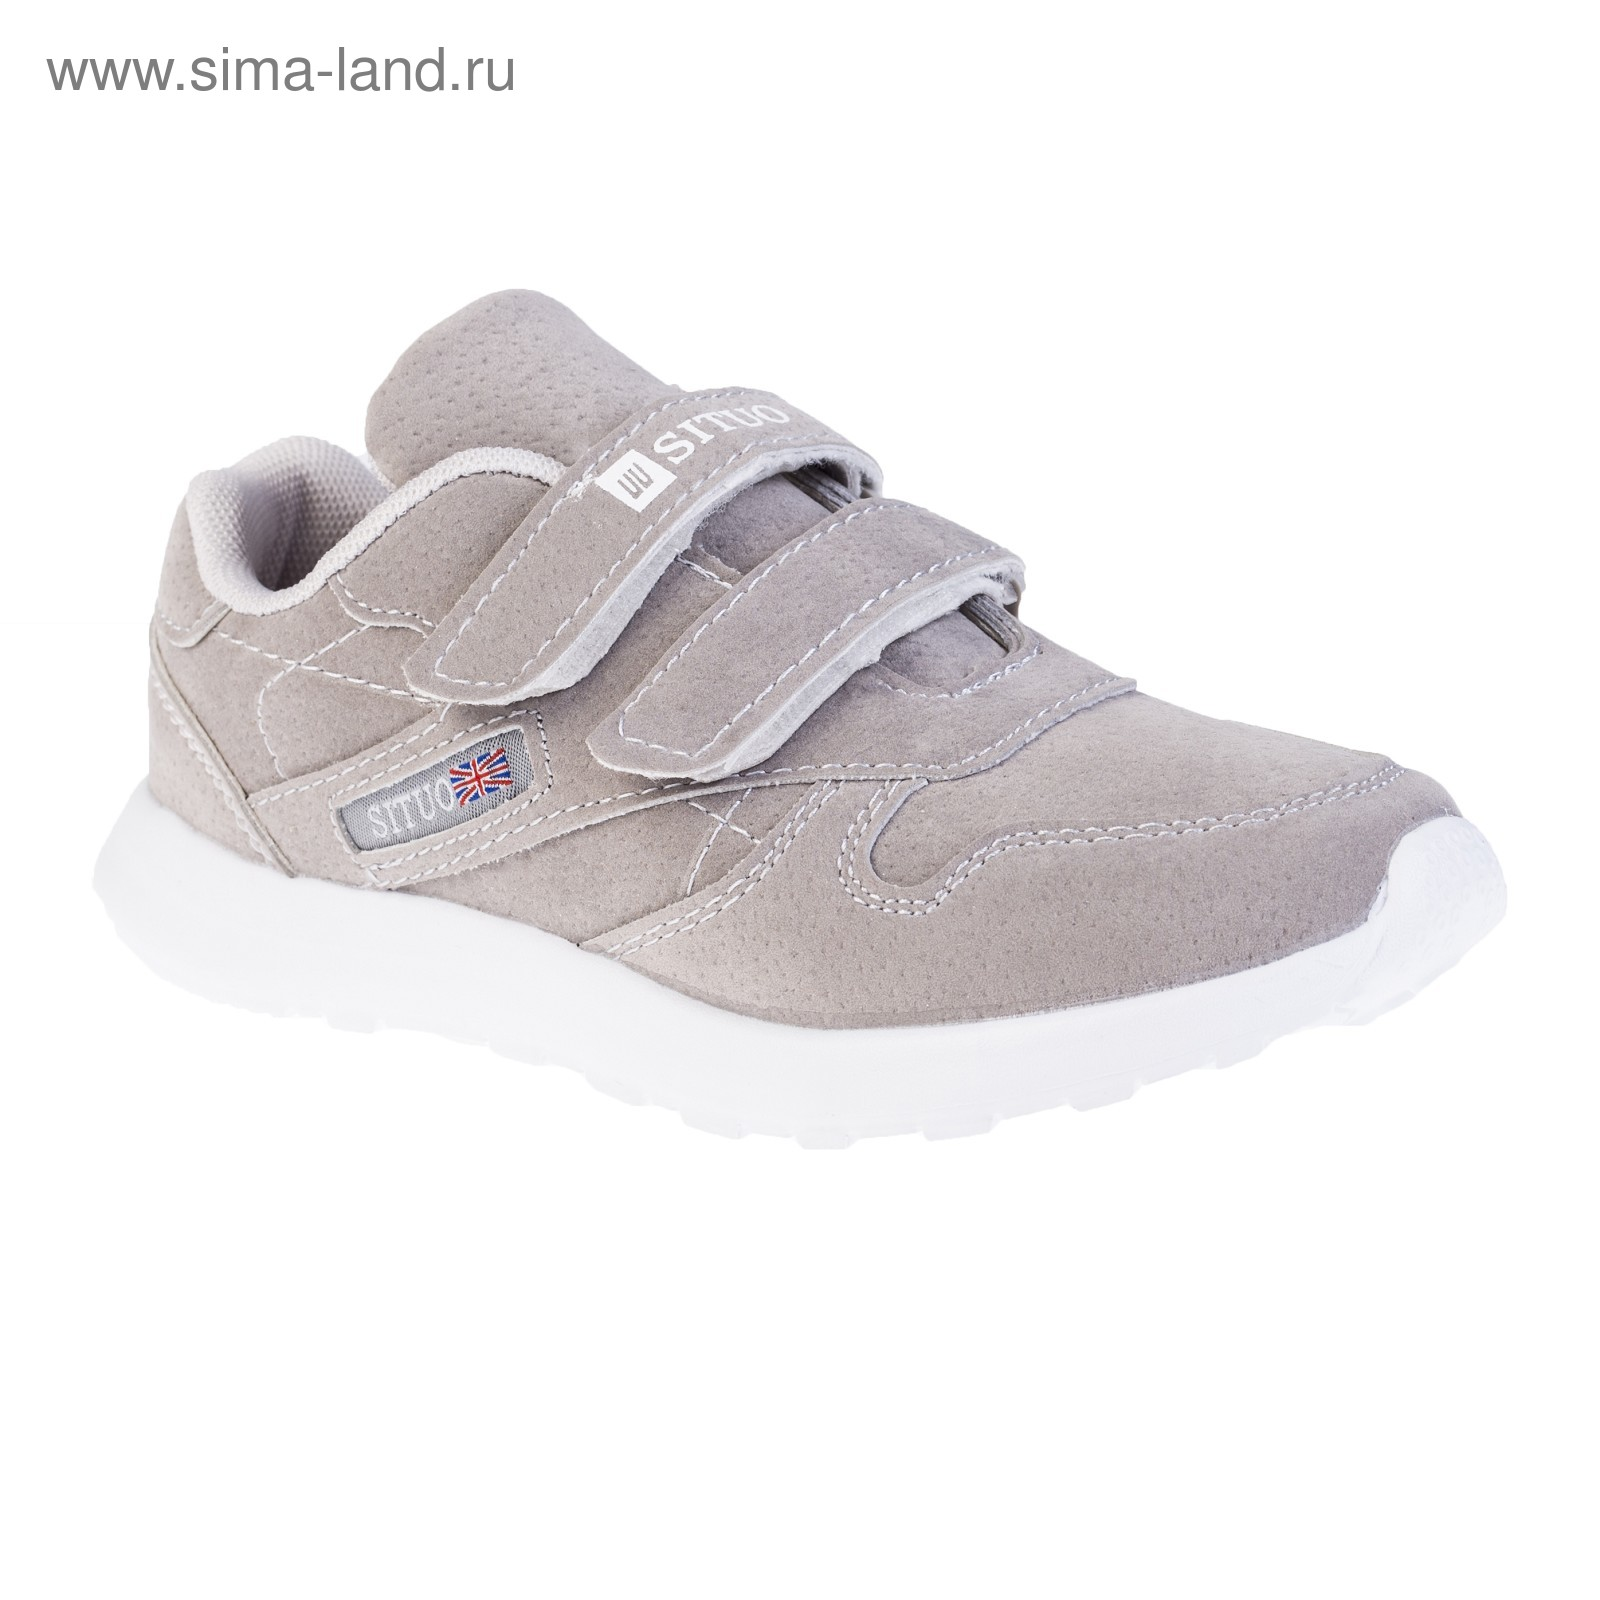 e5e6d8a8 Кроссовки детские арт. 7672-4, цвет серый, размер 34 (3360802 ...